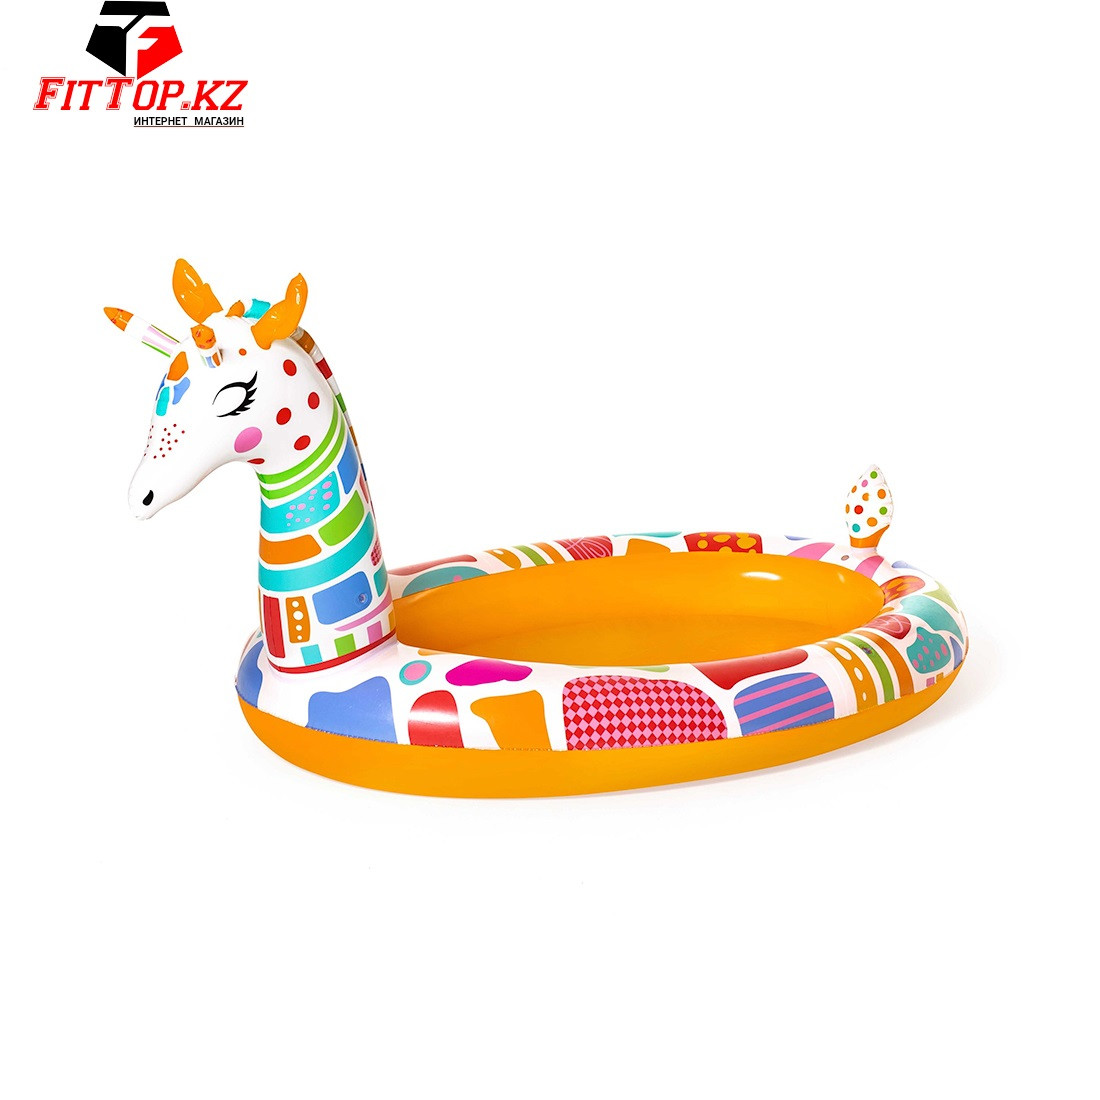 Детский надувной бассейн Groovy Giraffe 266 x 157 x 127 см, BESTWAY, 53089